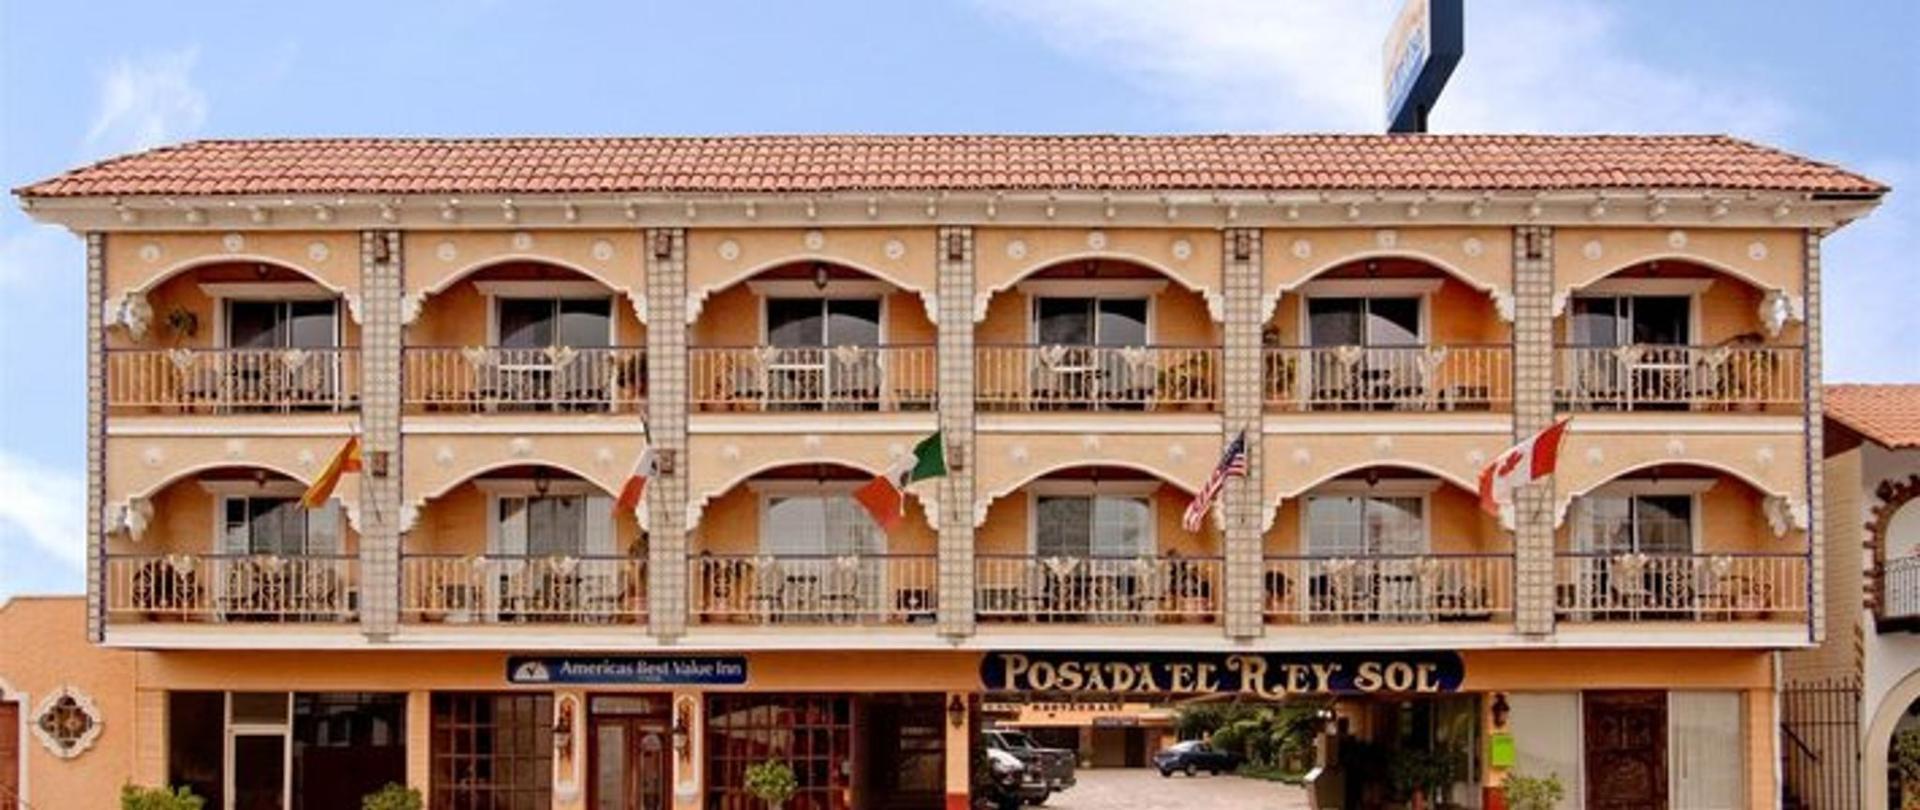 Hotel Posada El Rey Sol.